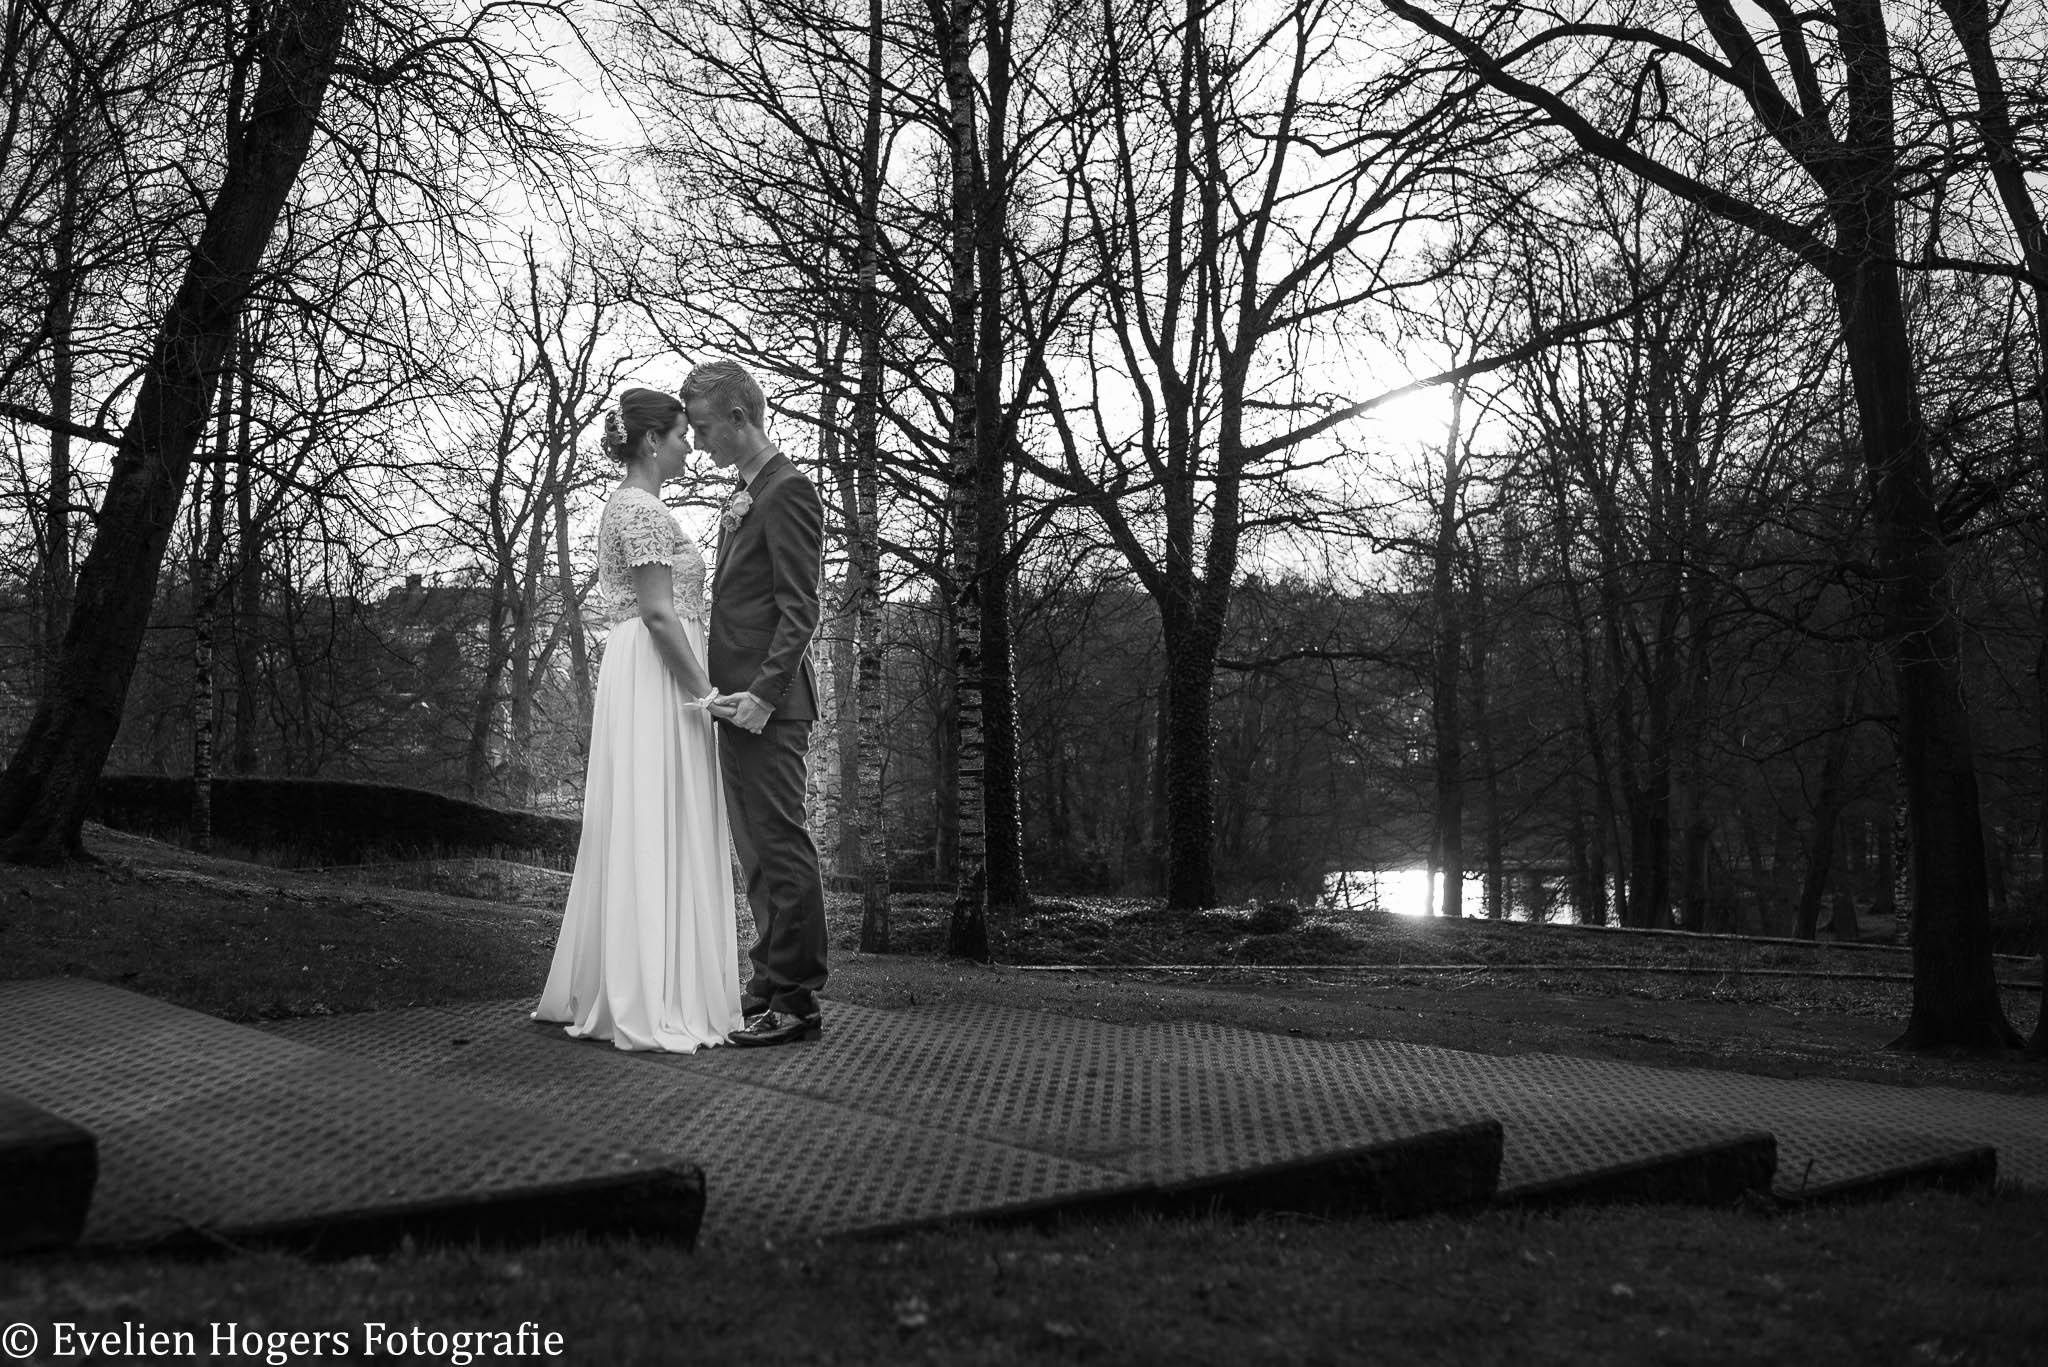 Estate_wedding_Metwatermerk-78.jpg